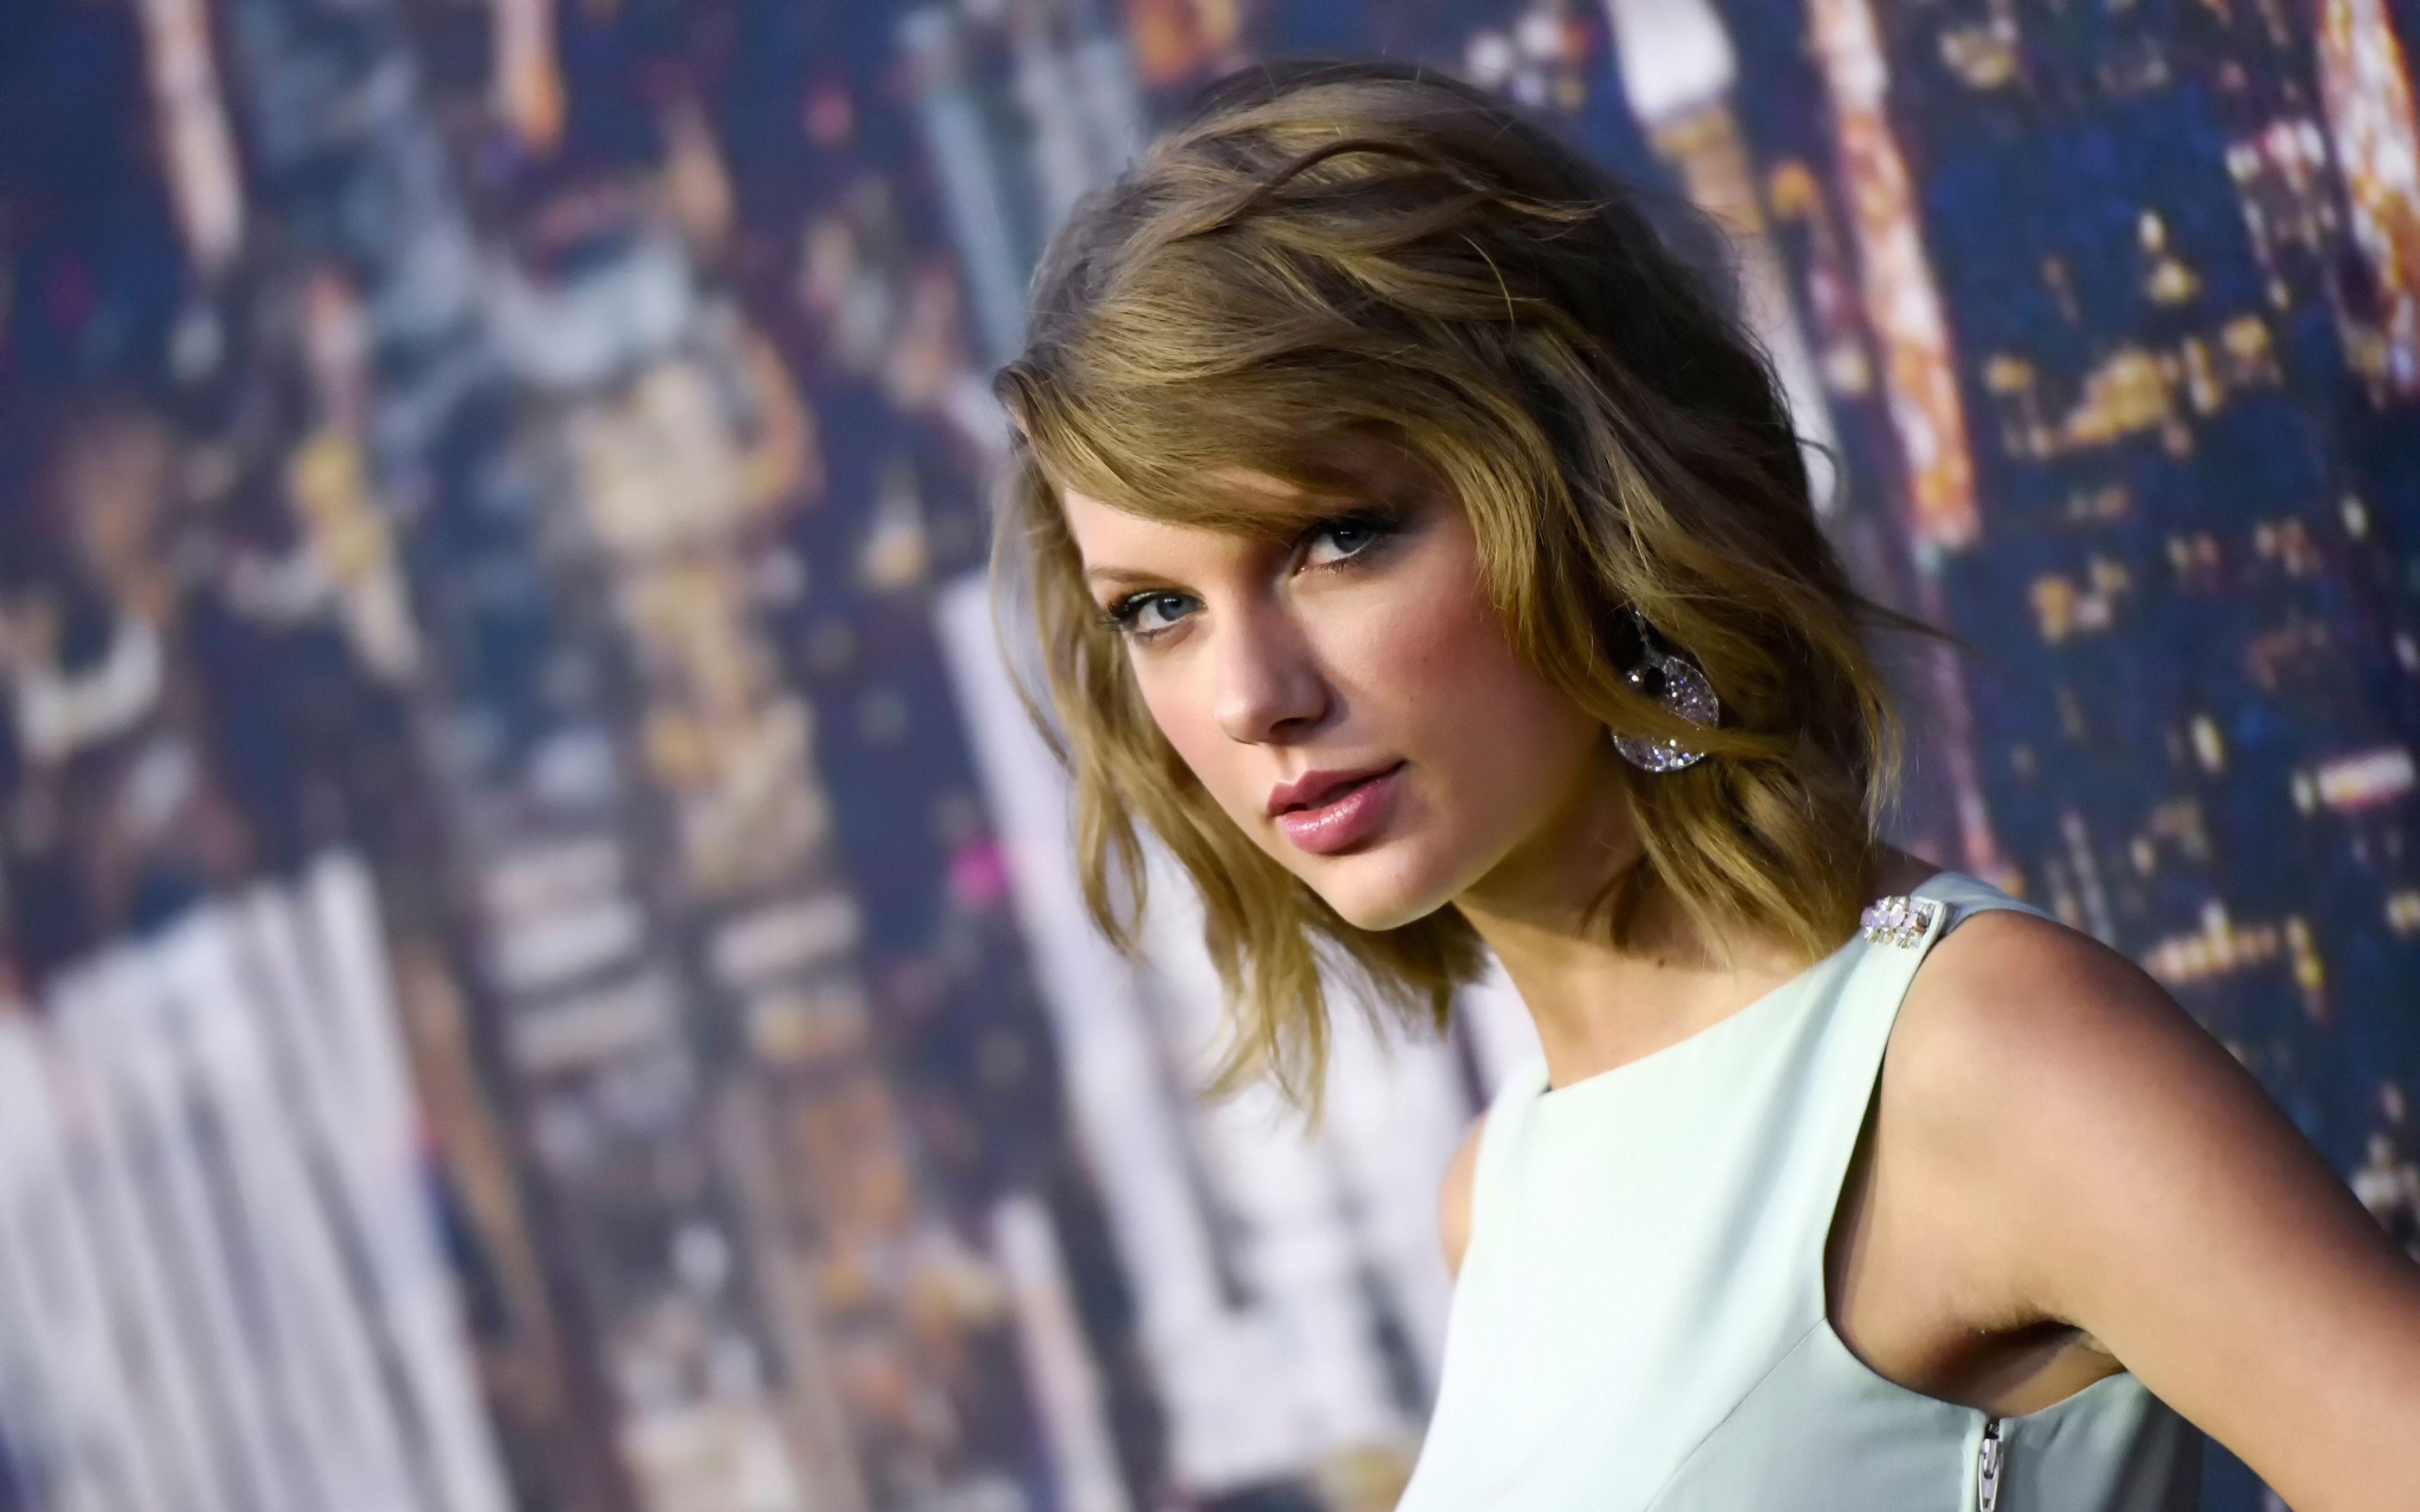 Ultra Hd 4k Taylor Swift Wallpapers Hd Desktop Backgrounds Taylor Swift Taylor Swift 1989 Hollywood Celebrities